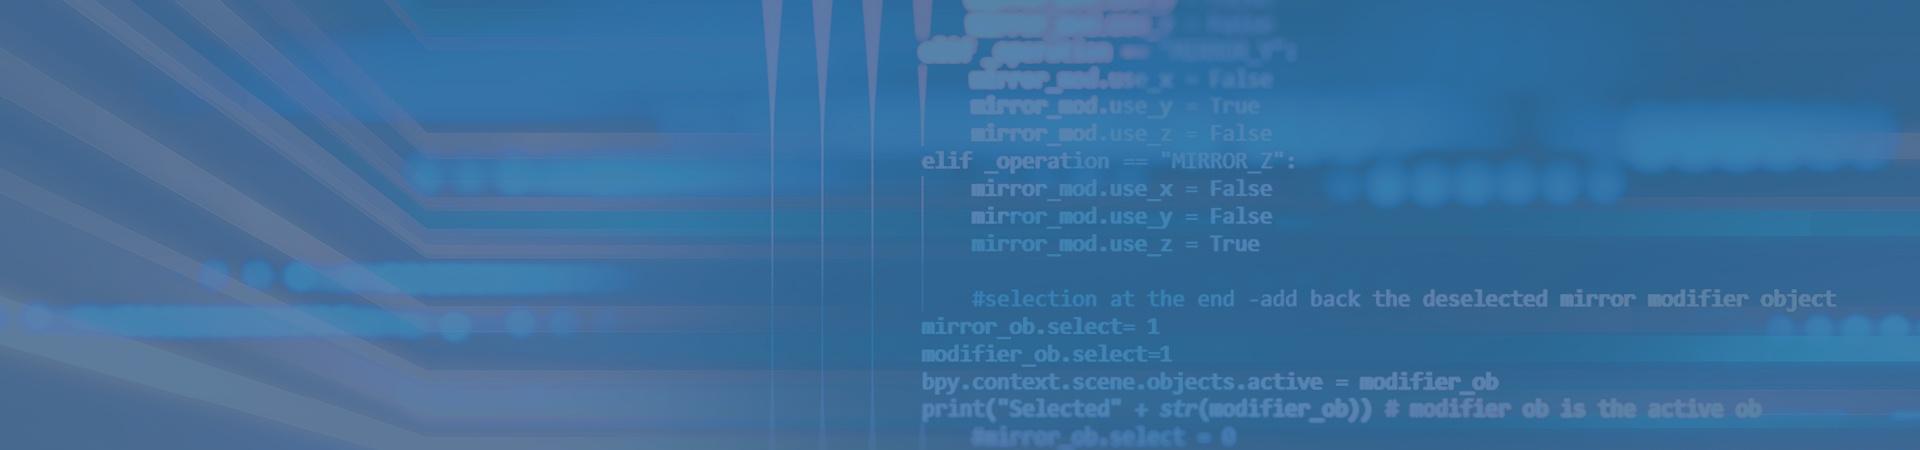 Header_Footer - Dev10 - Consultant2.jpg